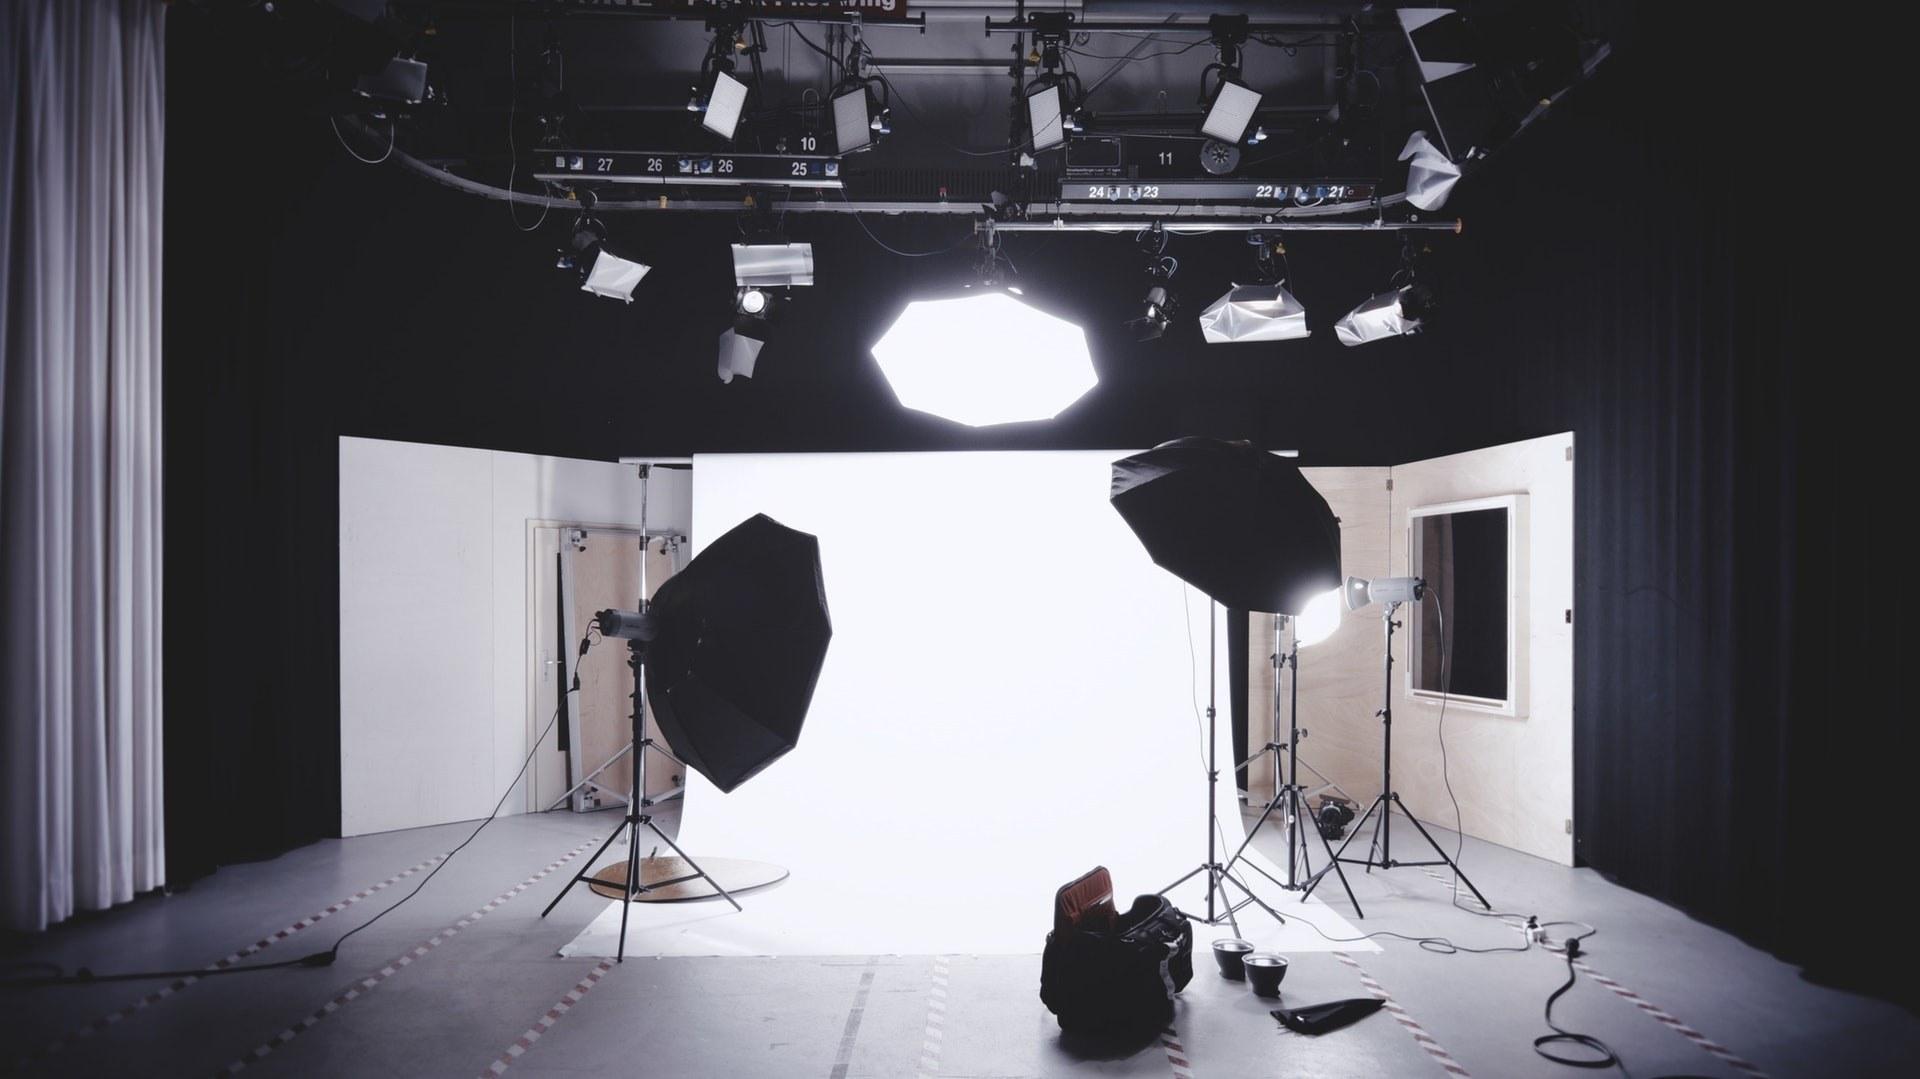 Ein schwarz weißes Bild, welches ein Fotoshooting darstellt. Große Softboxen und Kameraequipment ist aufgebaut. Im Hintergrund ist eine weiße Leinwand.